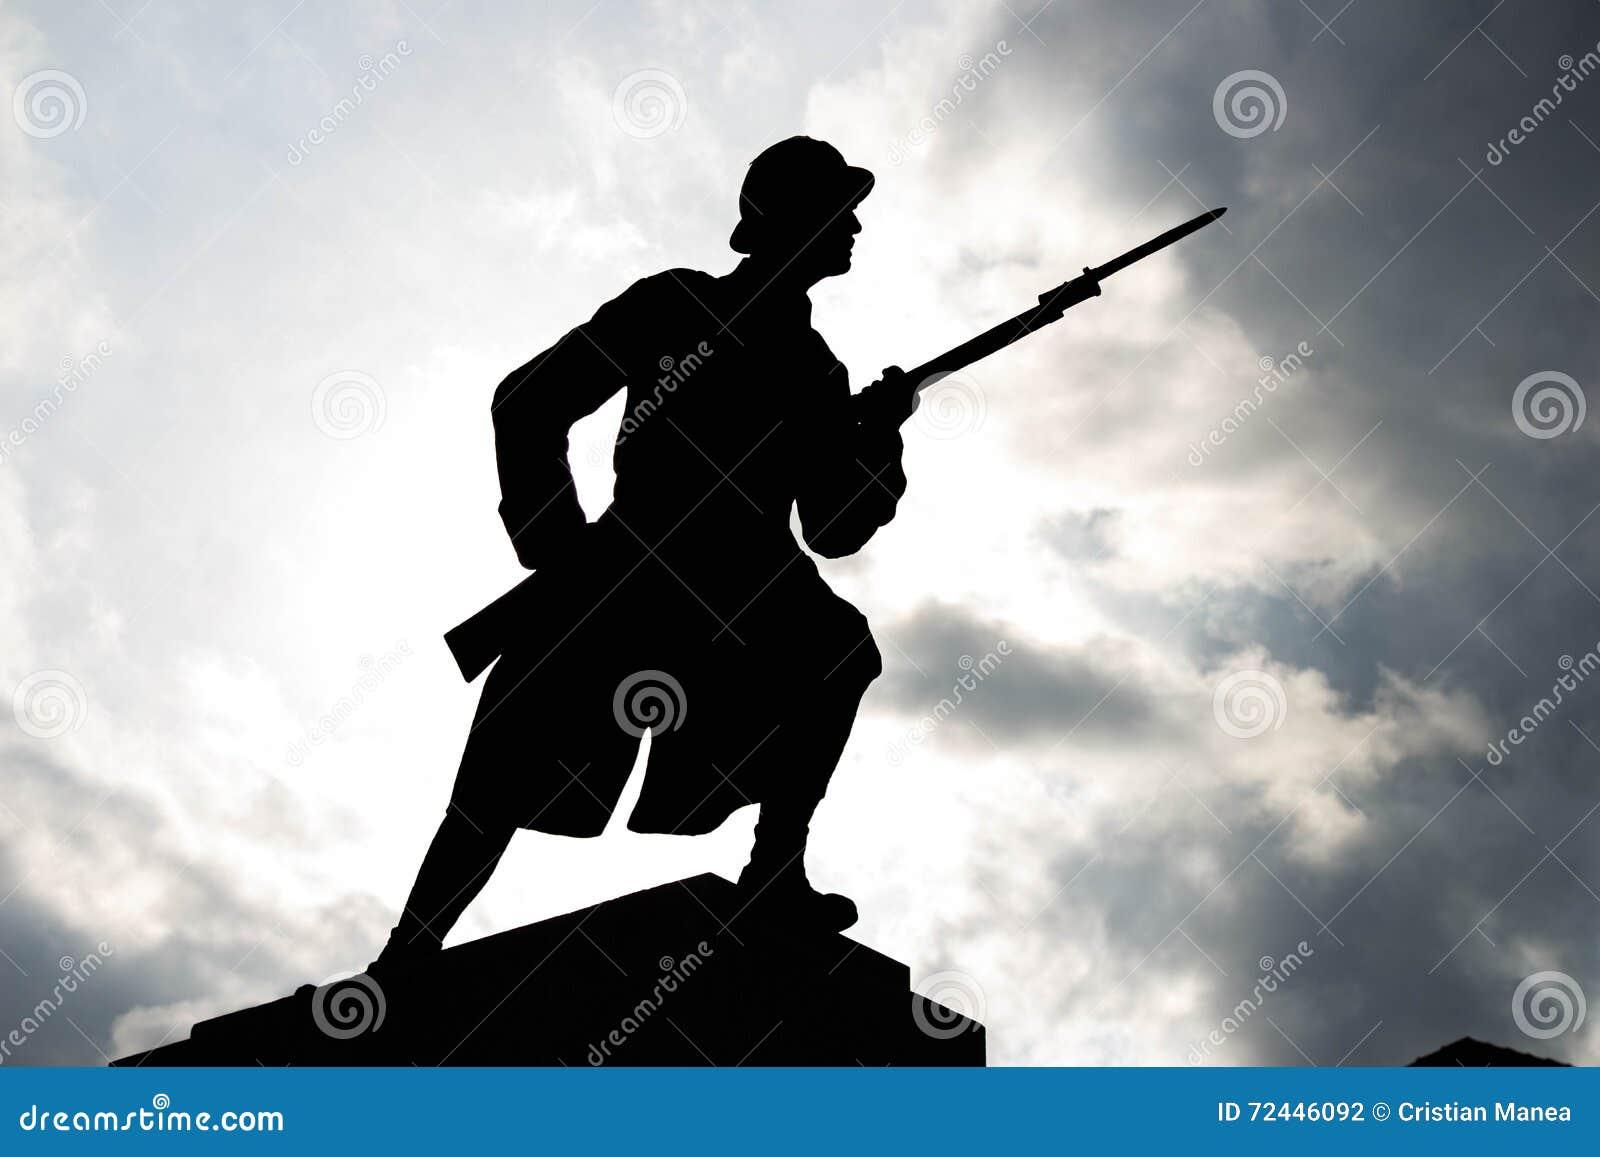 Силуэт солдата под облачным небом